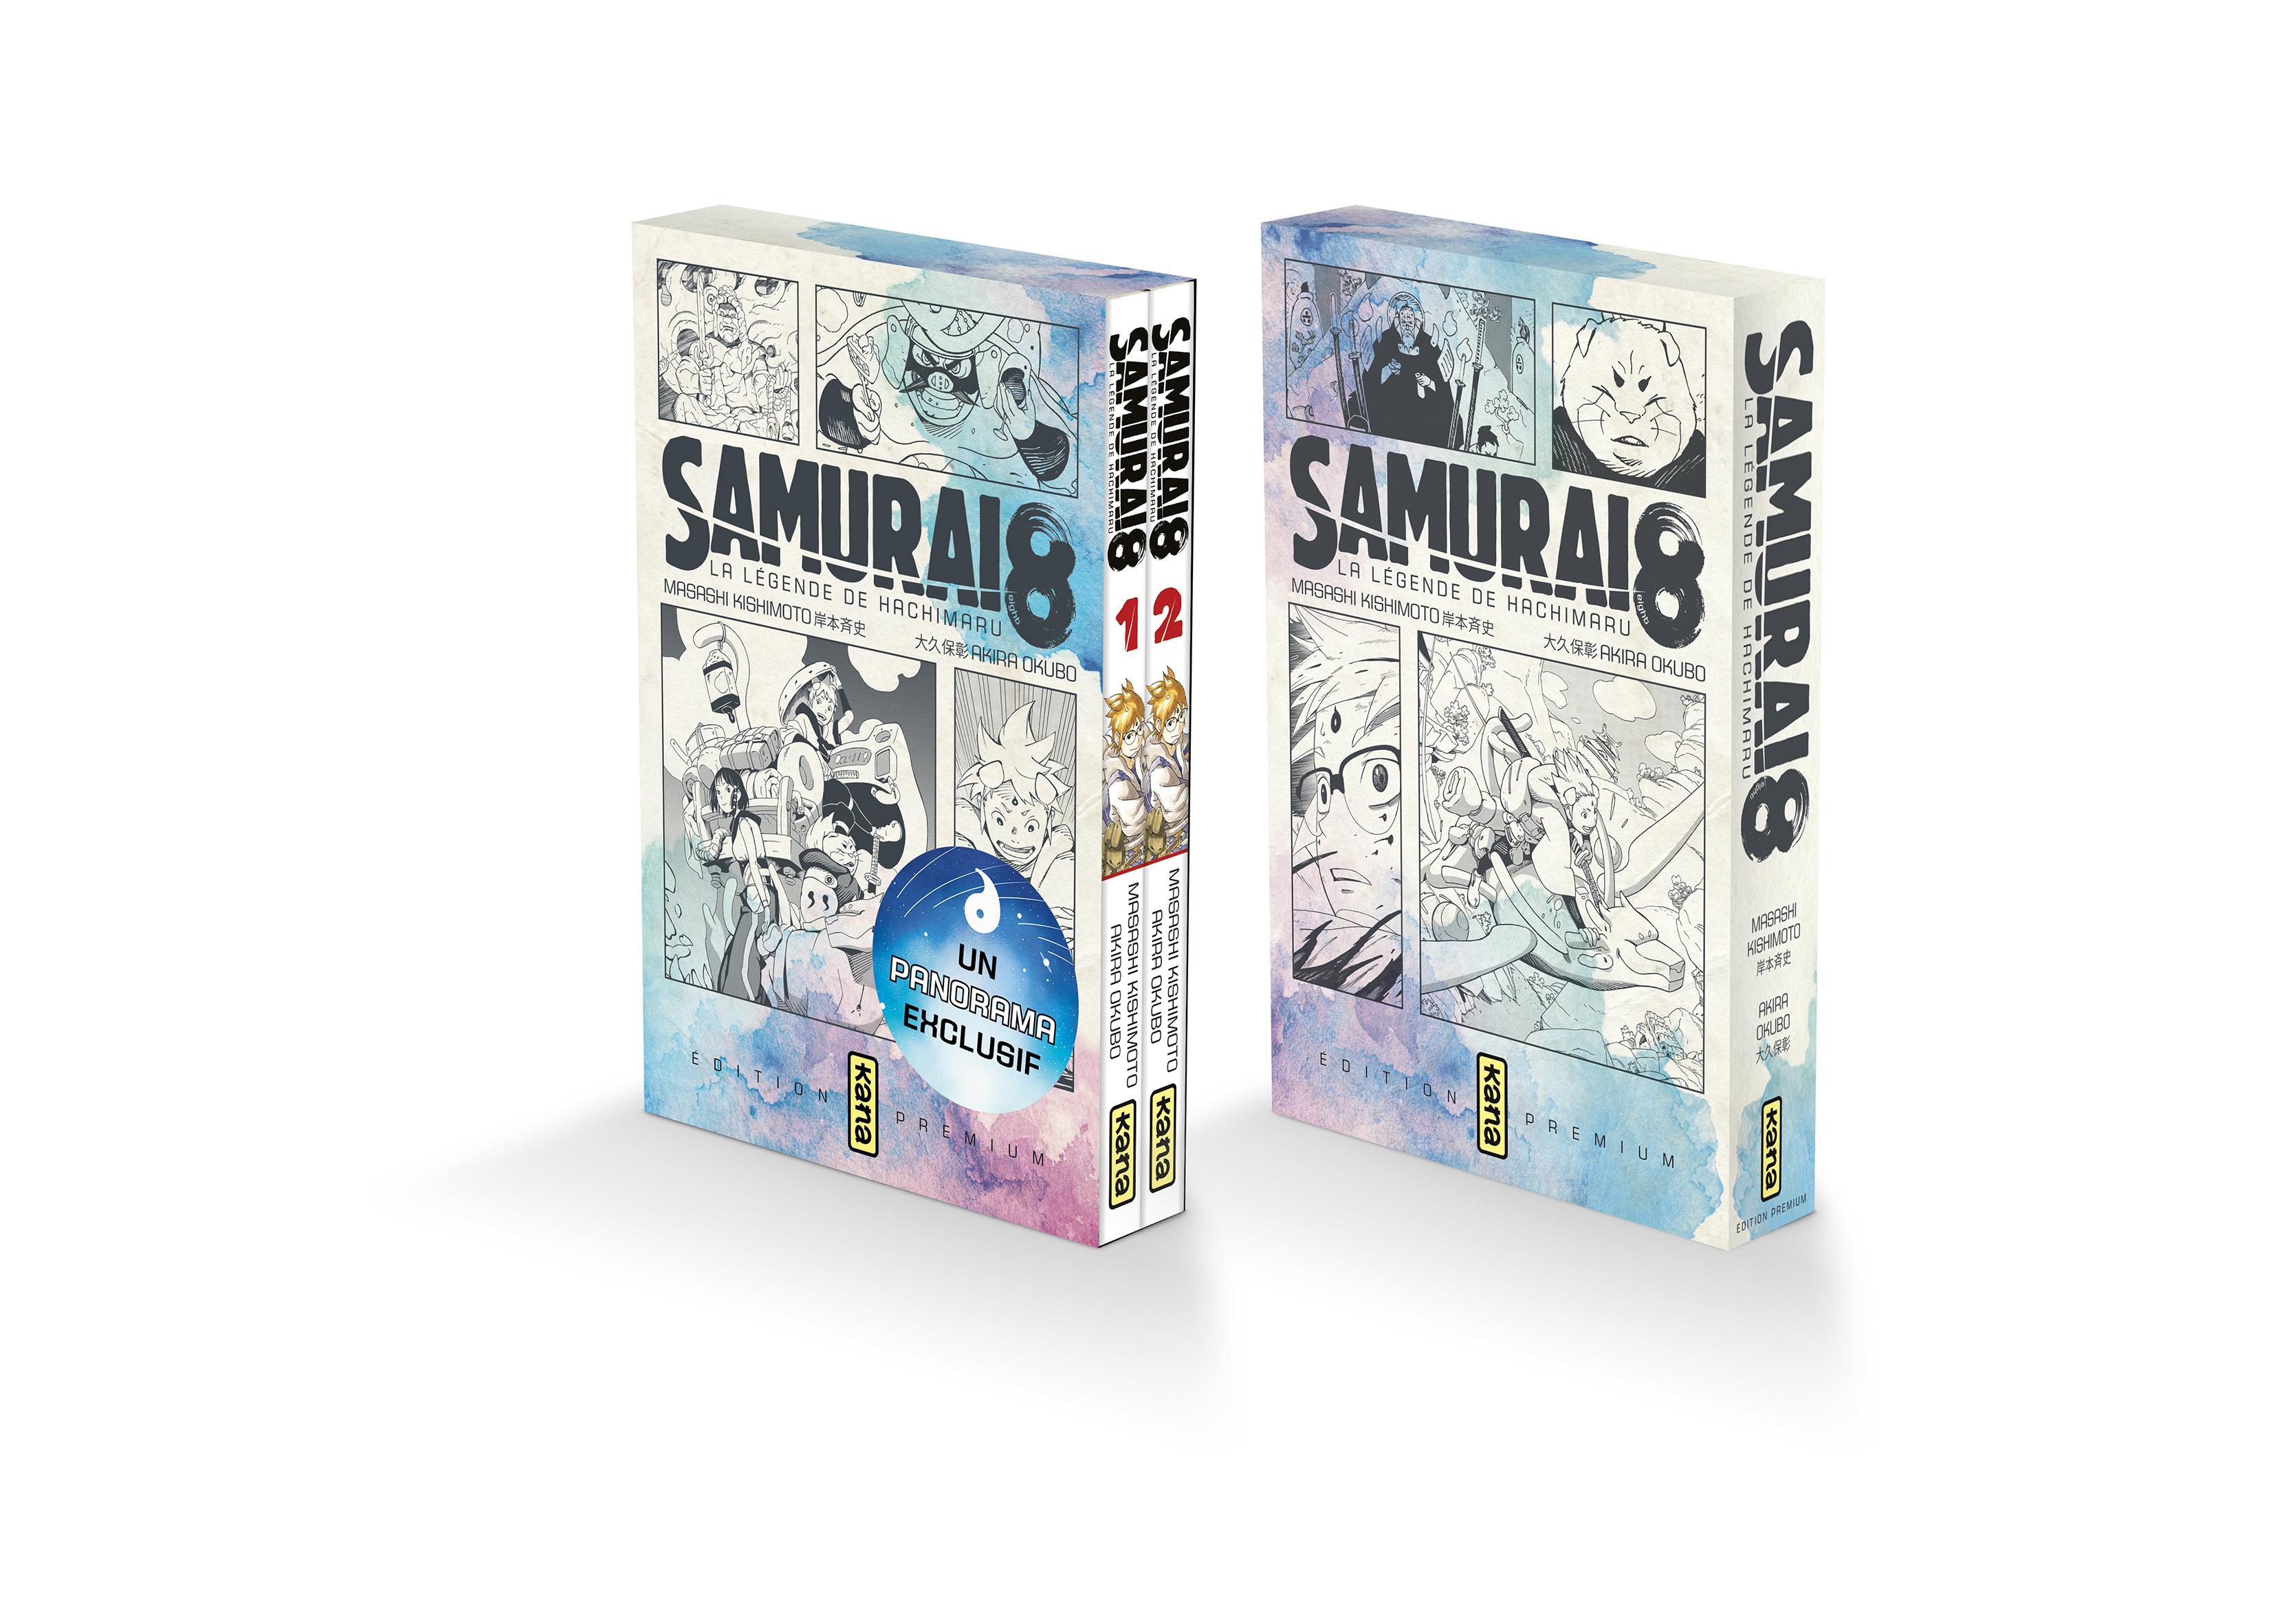 Samurai 8 1